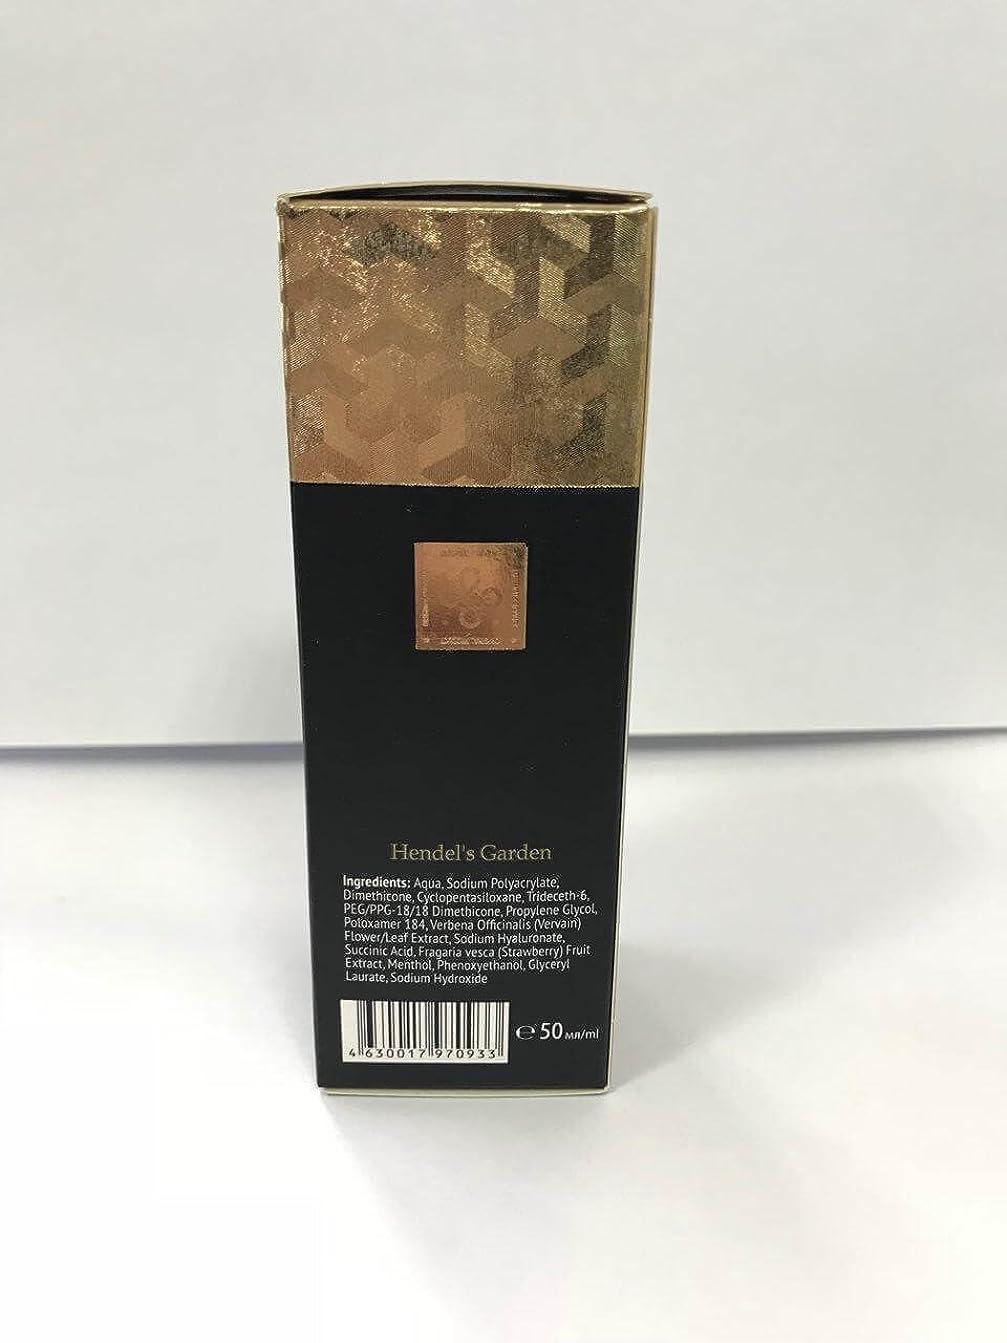 ベーリング海峡インカ帝国束タイタンジェル ゴールド Titan gel Gold 50ml 日本語説明付き [並行輸入品]